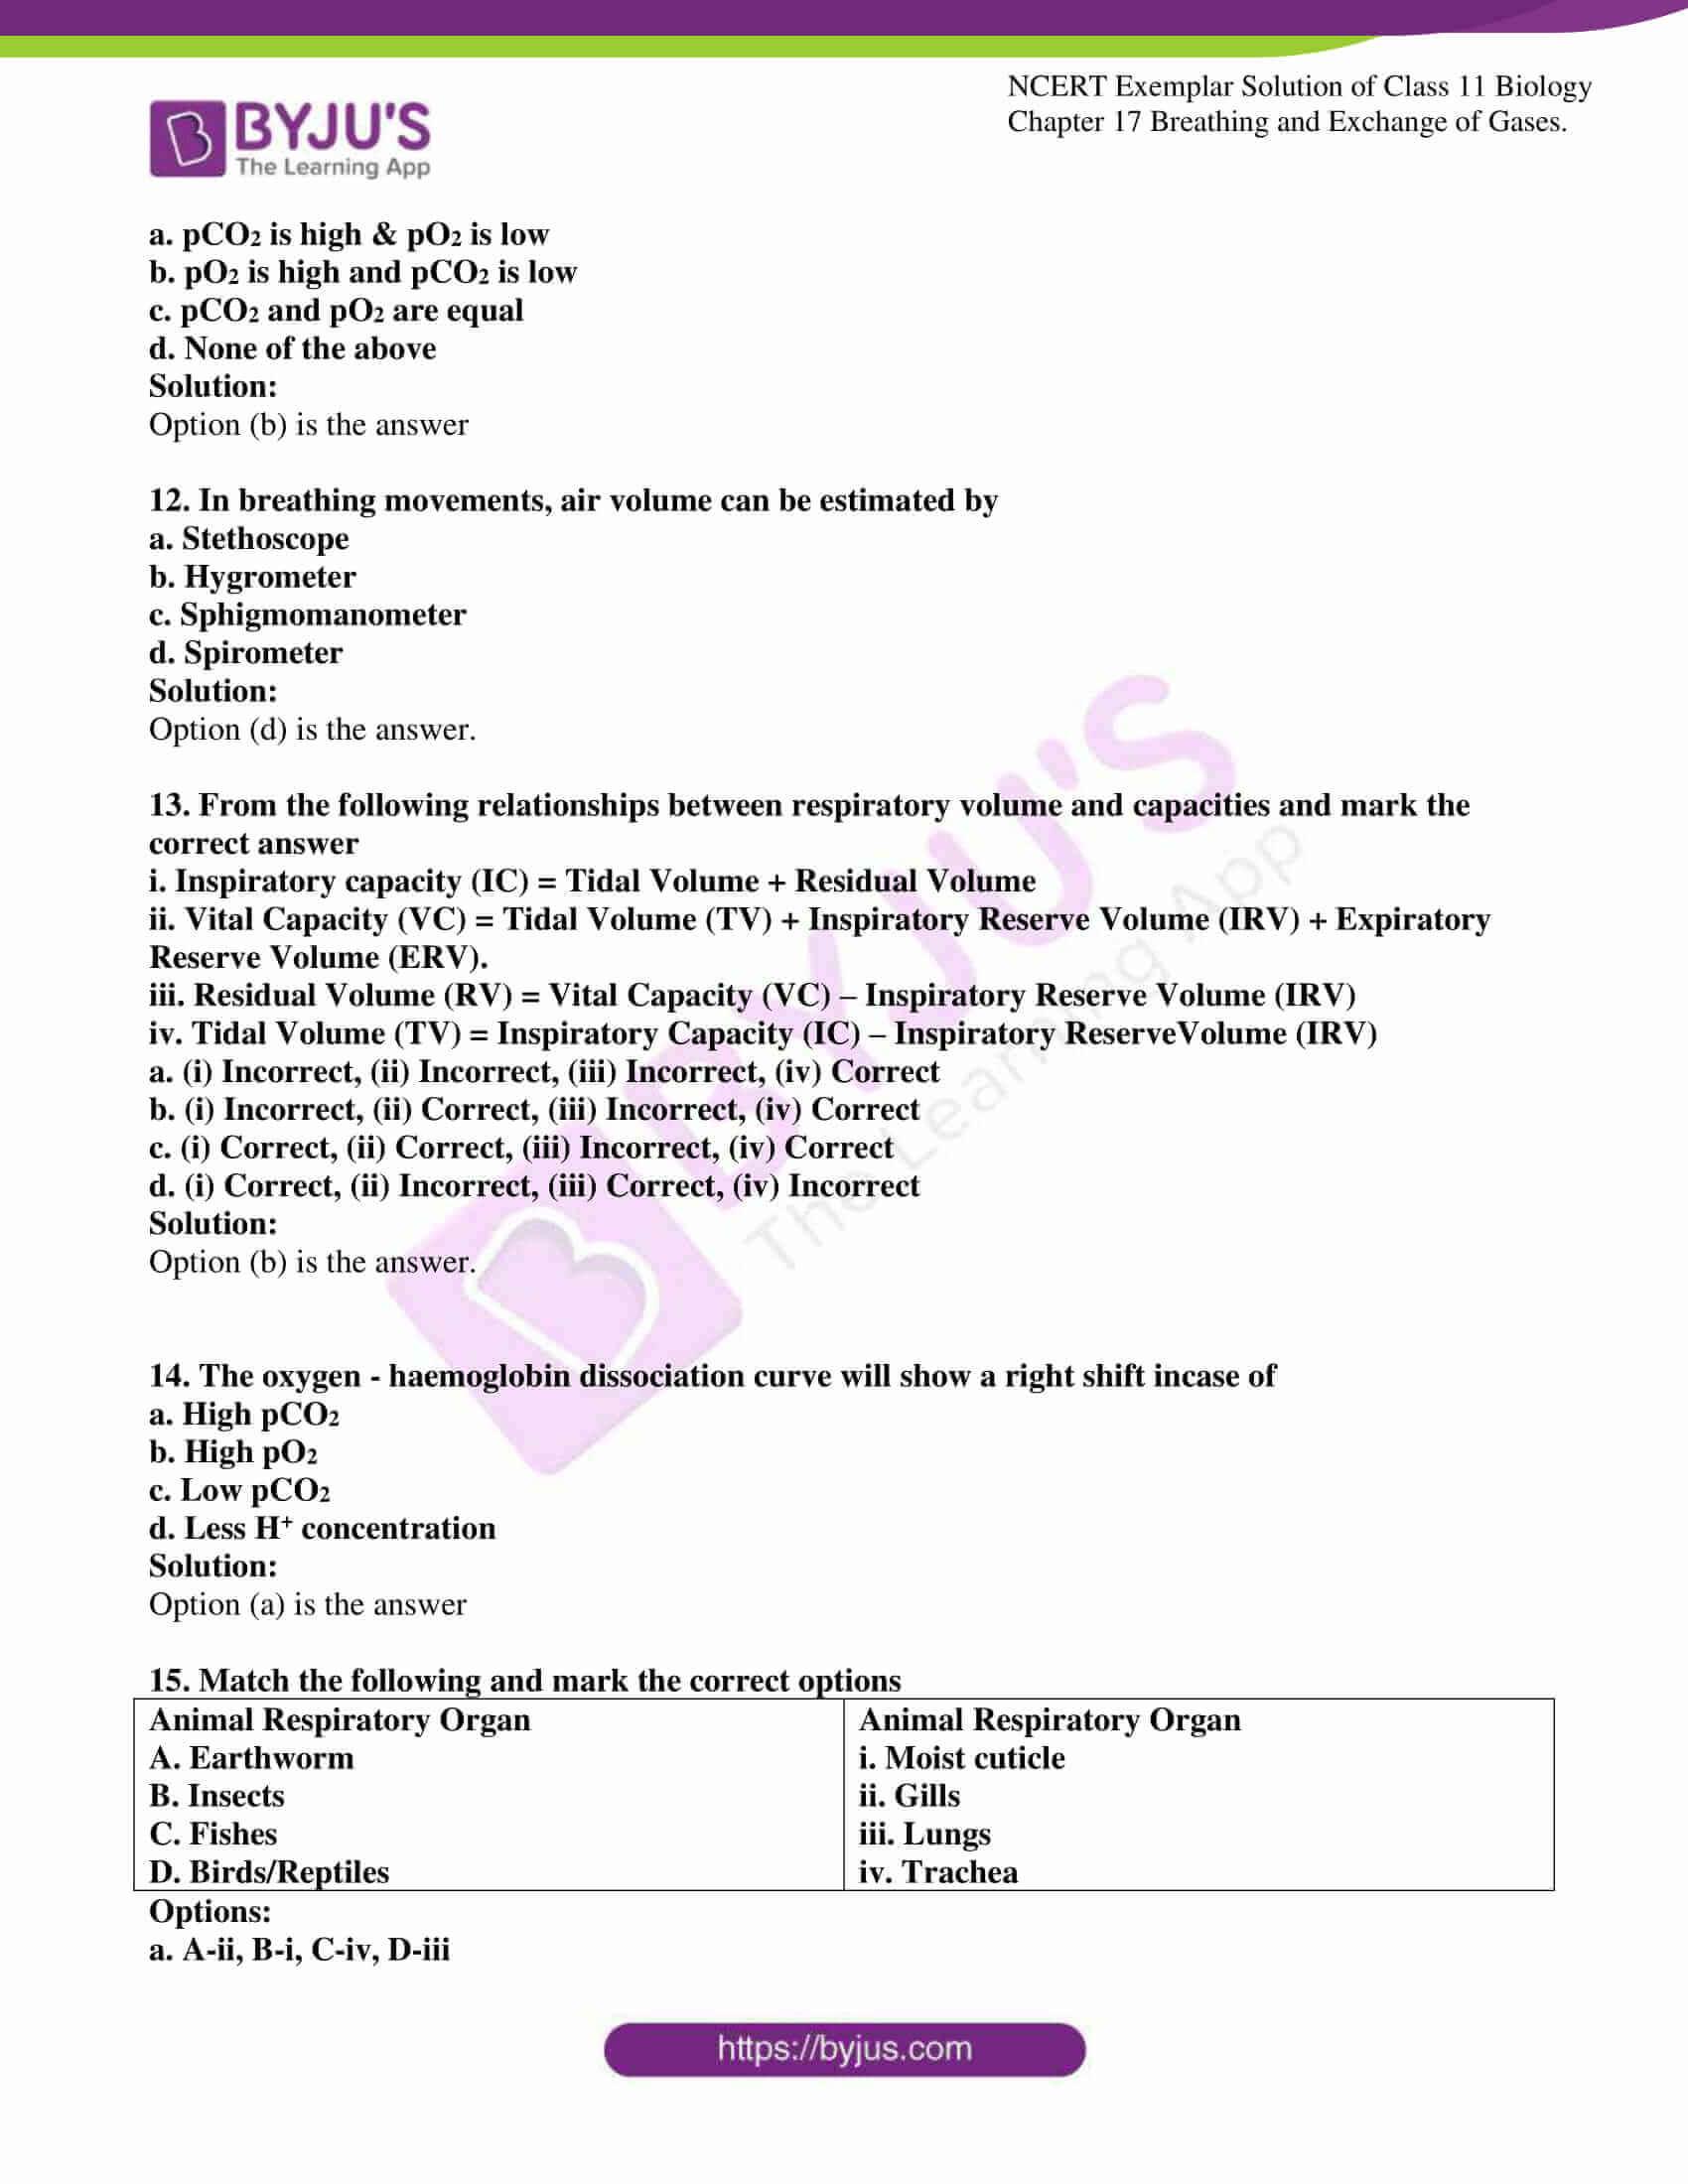 ncert exemplar solutions class 11 biology chapter 17 3